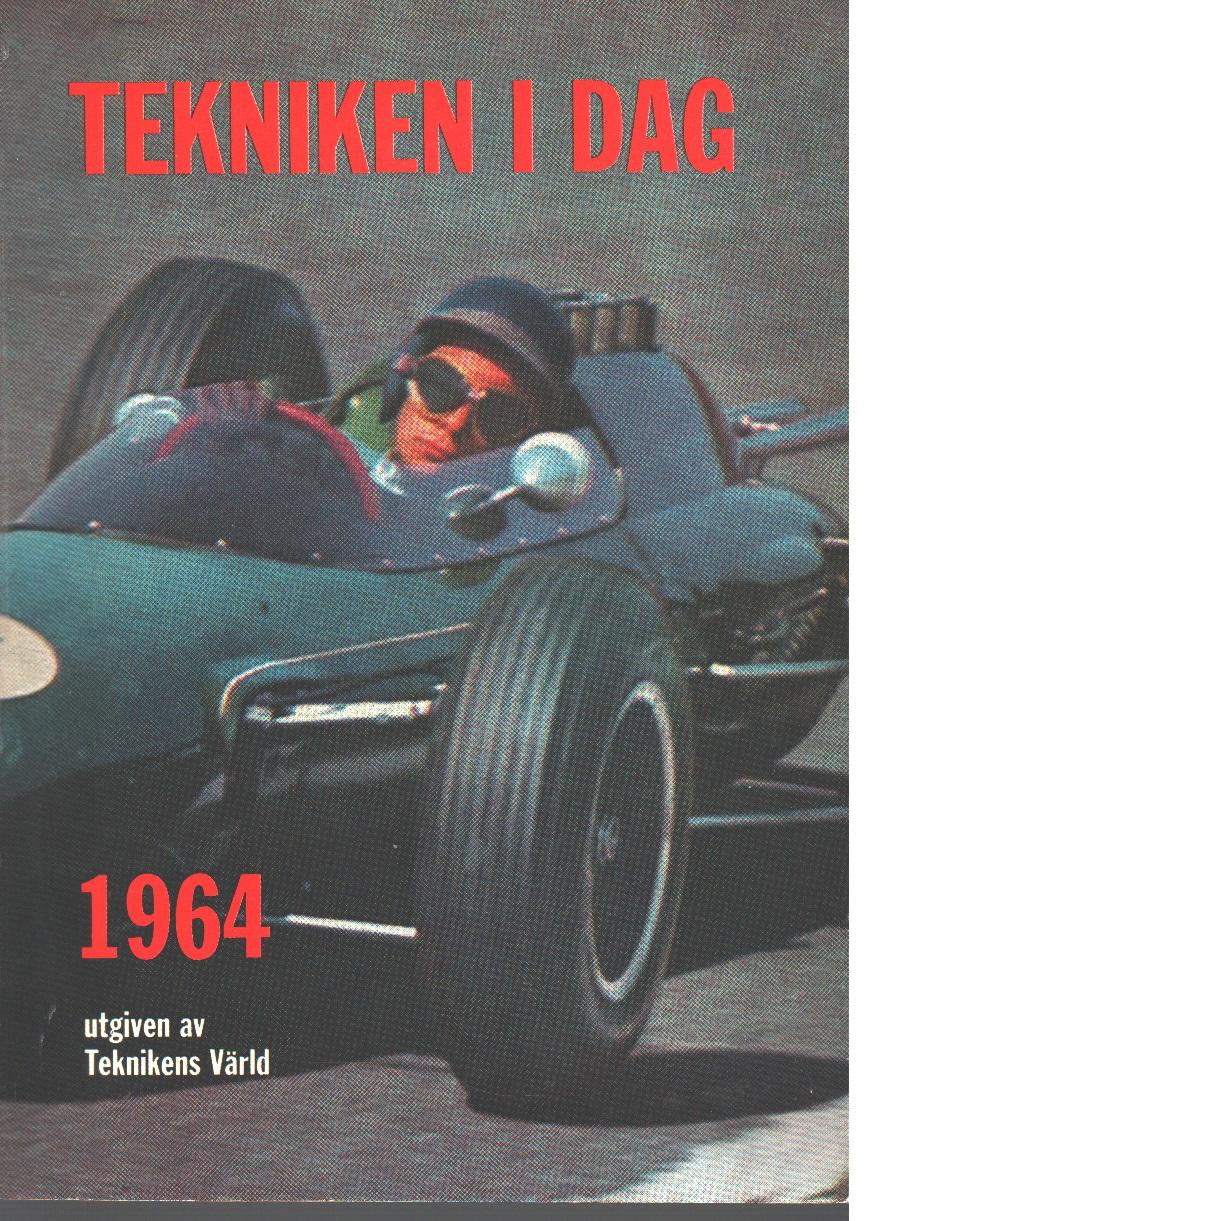 Tekniken i dag 1964 - Red.